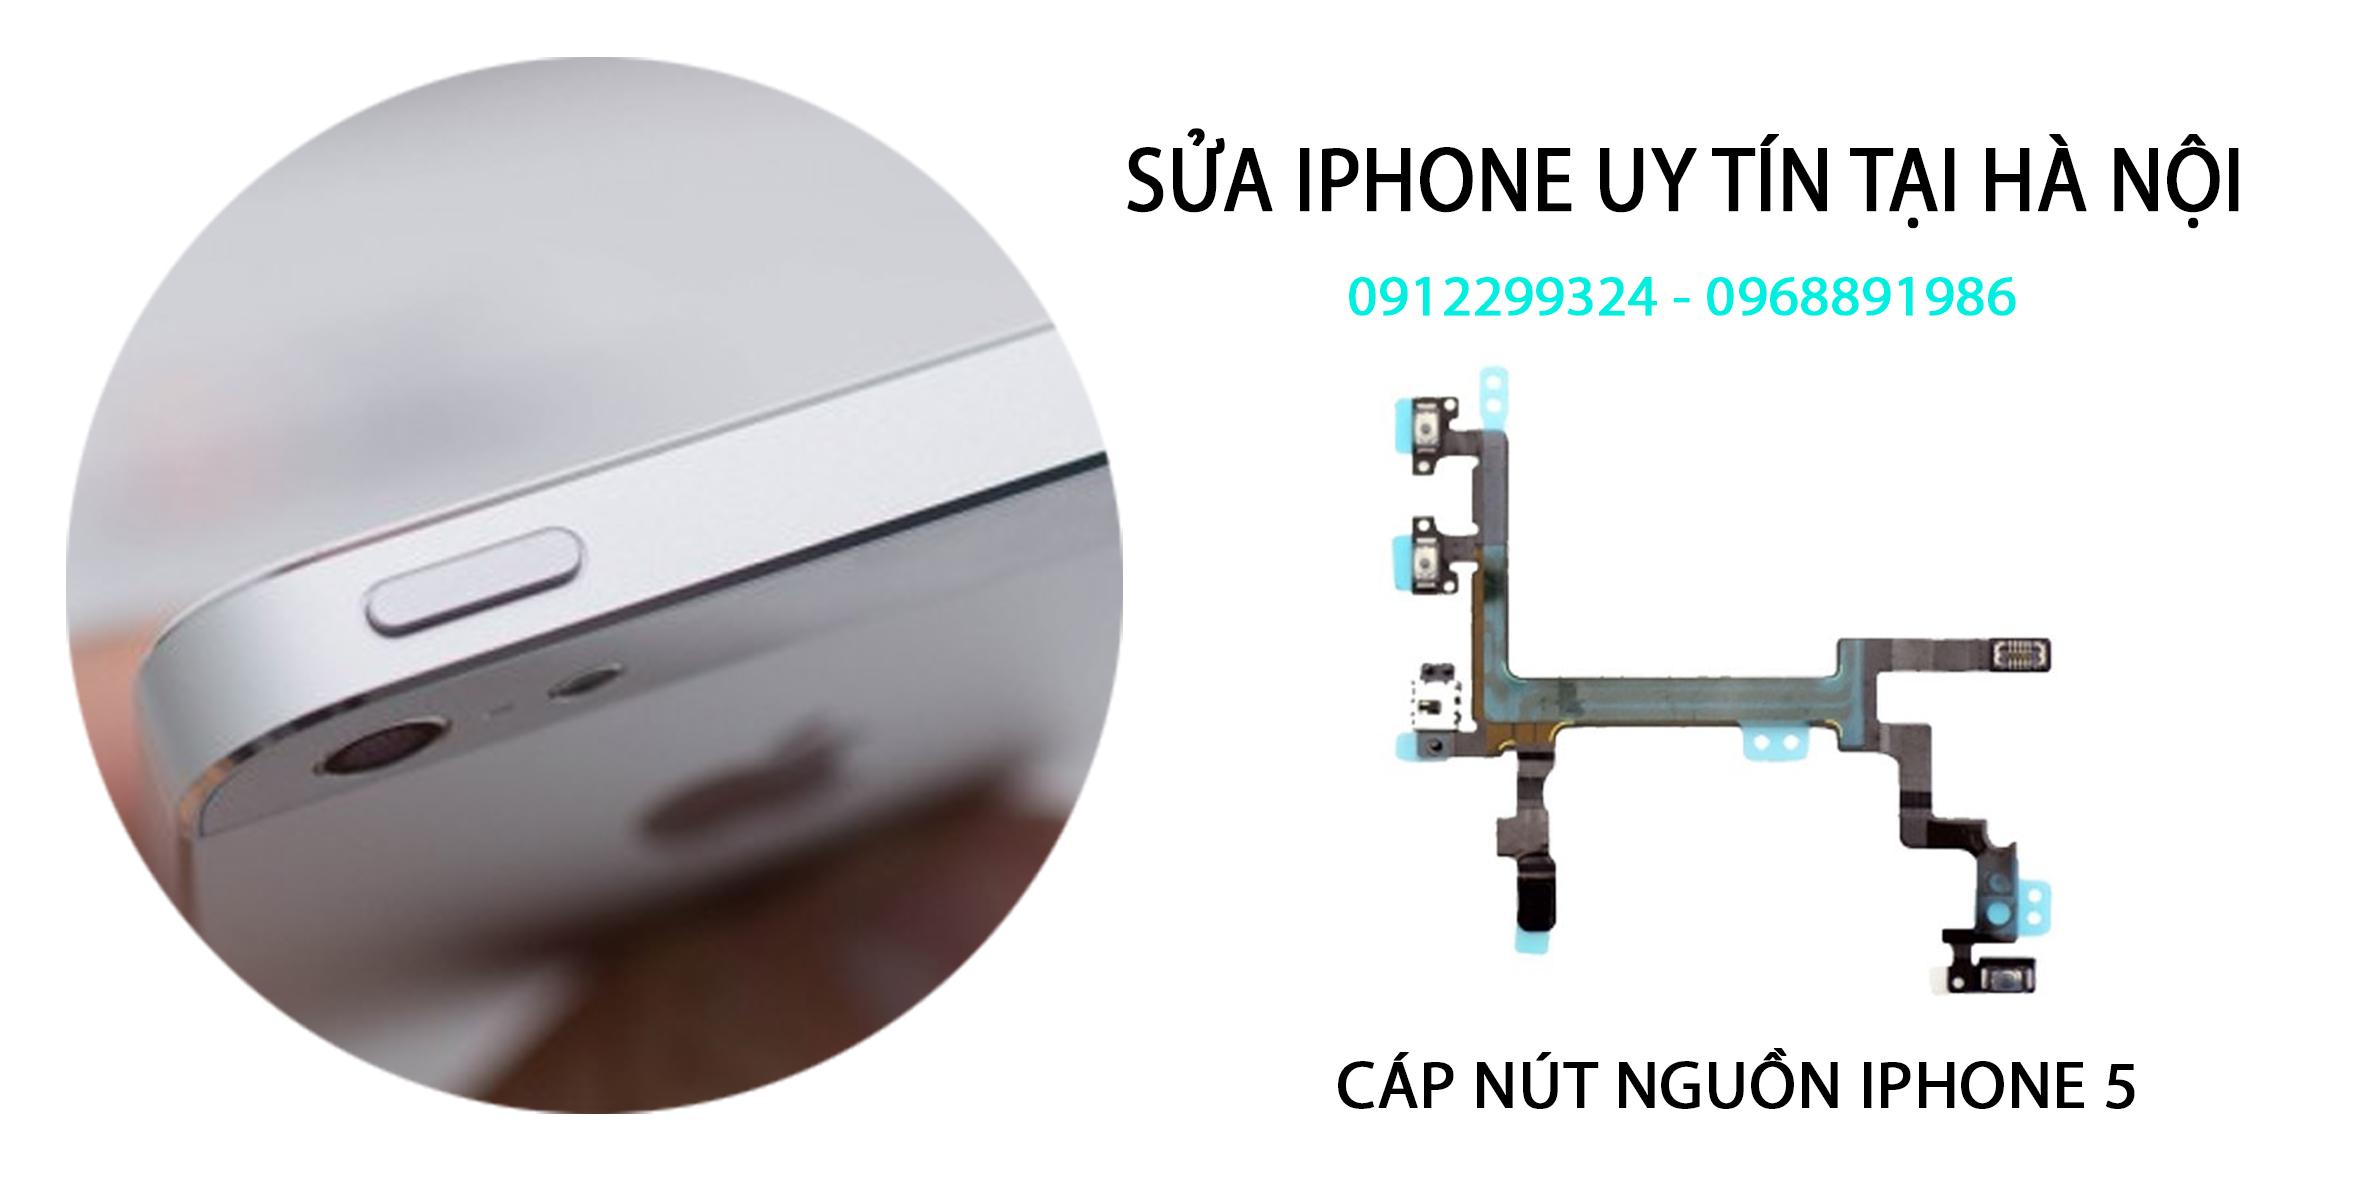 SỬA NÚT NGUỒN IPHONE 5 HÀ NỘI| Sửa nút nguồn iphone 5 bị liệt ở Hà Nội